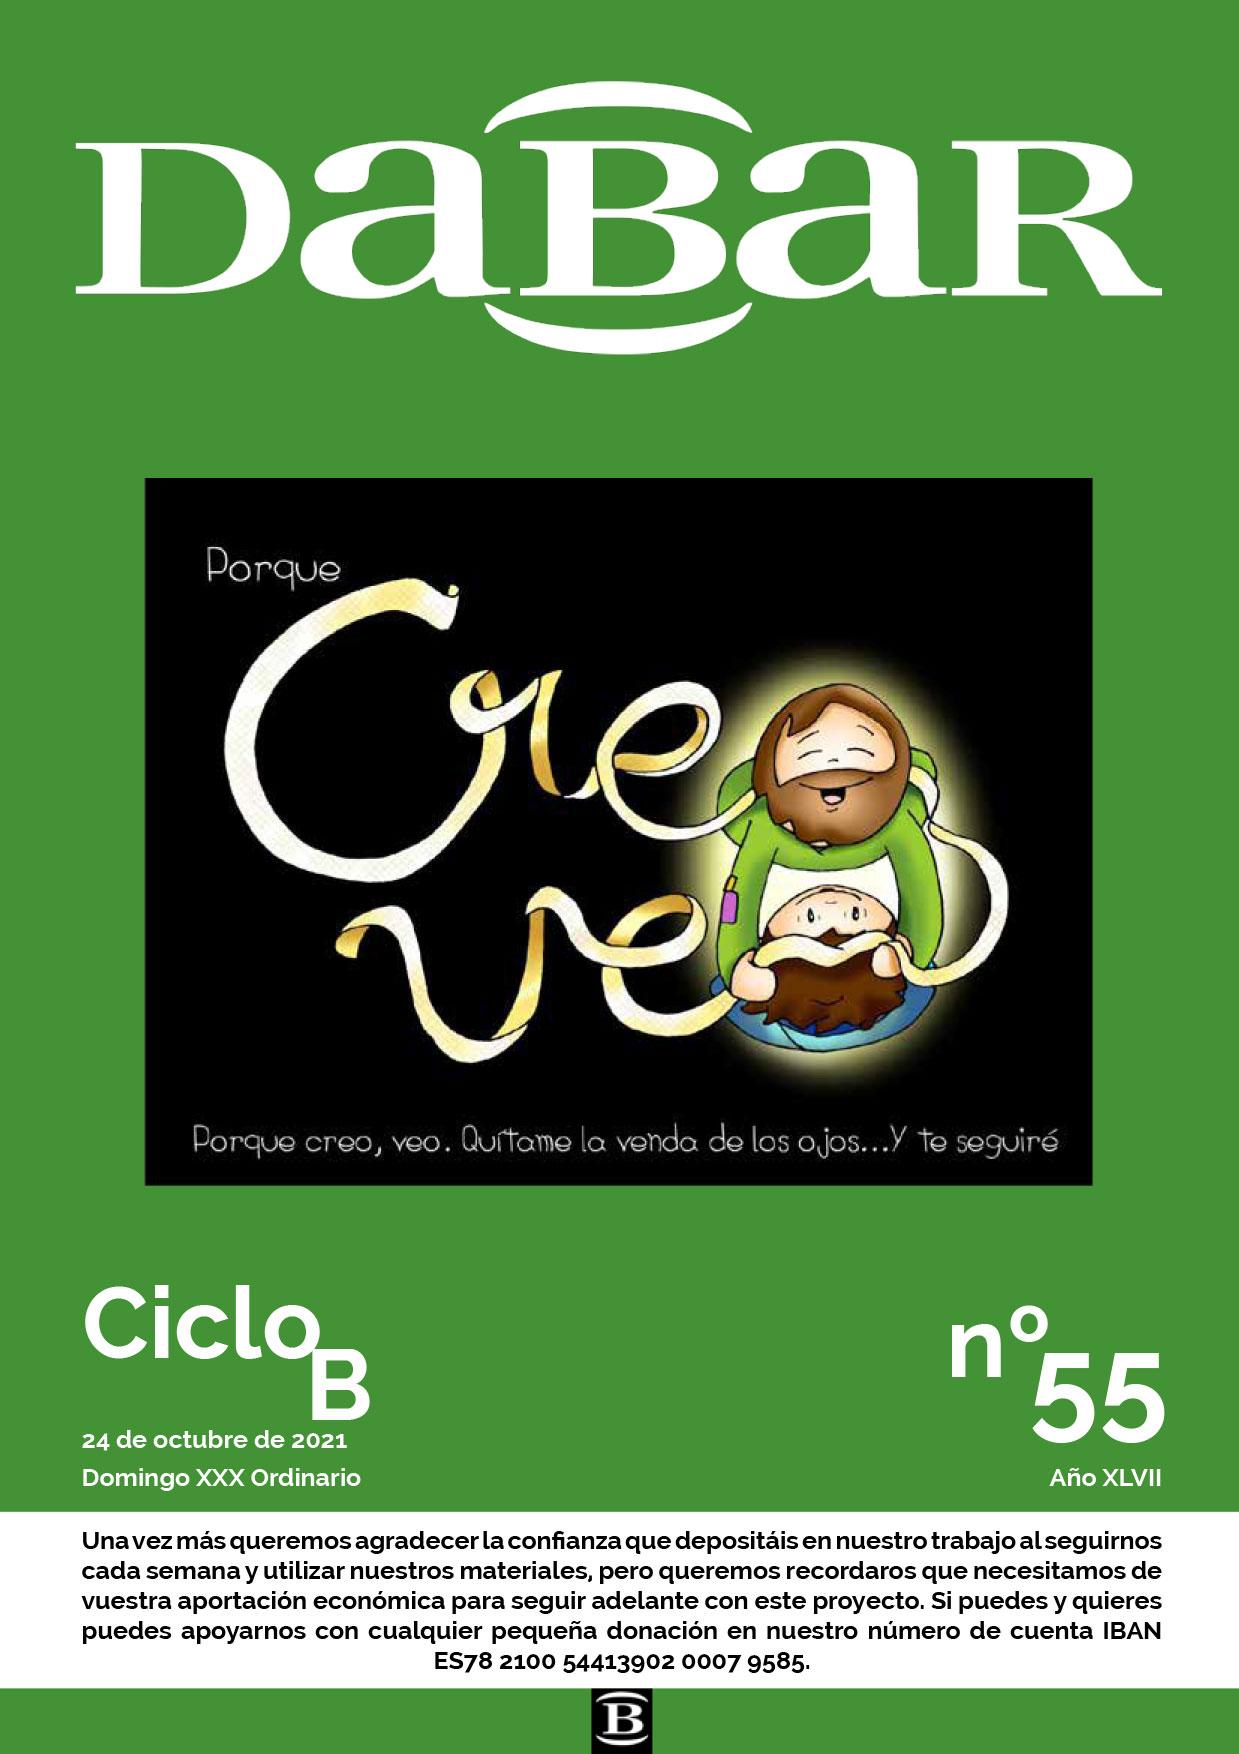 Dabar Revista numero 55 ciclo B